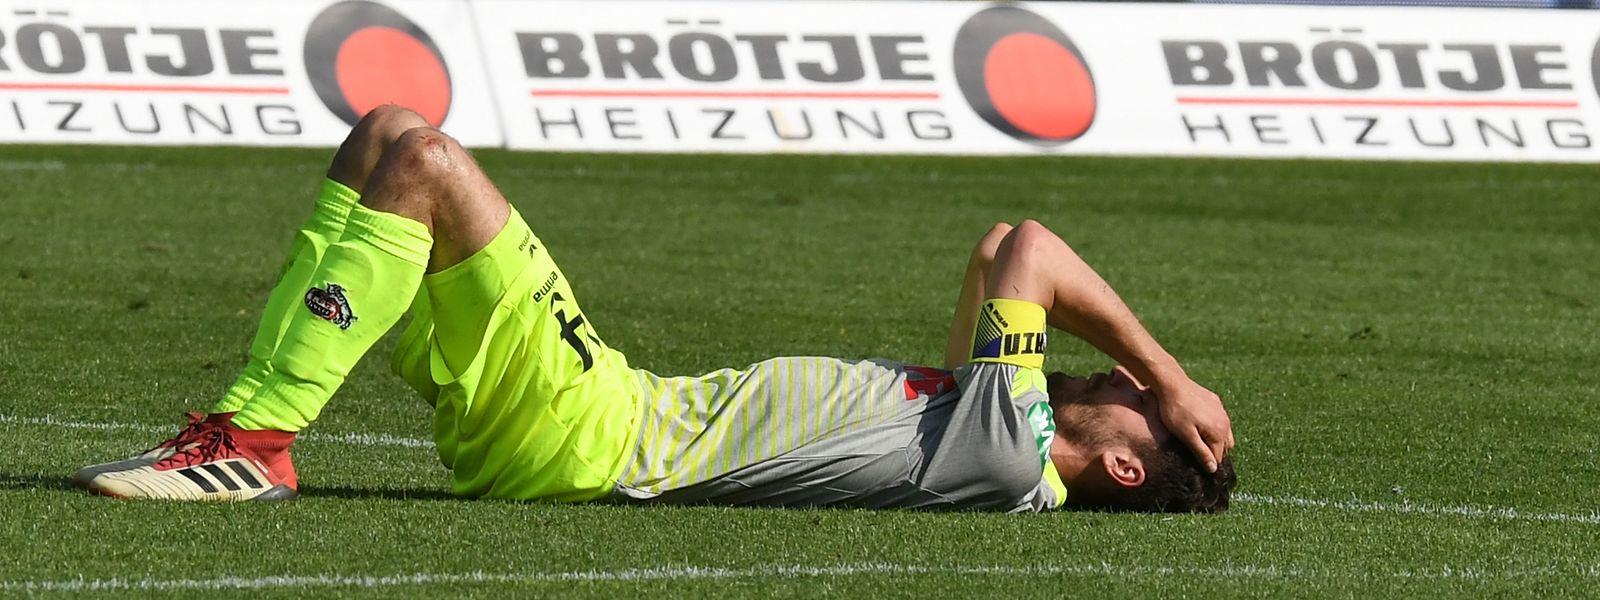 Obwohl der 1. FC Köln in die 2. Bundesliga muss, hat Jonas Hector seinen Vertrag bereits verlängert.